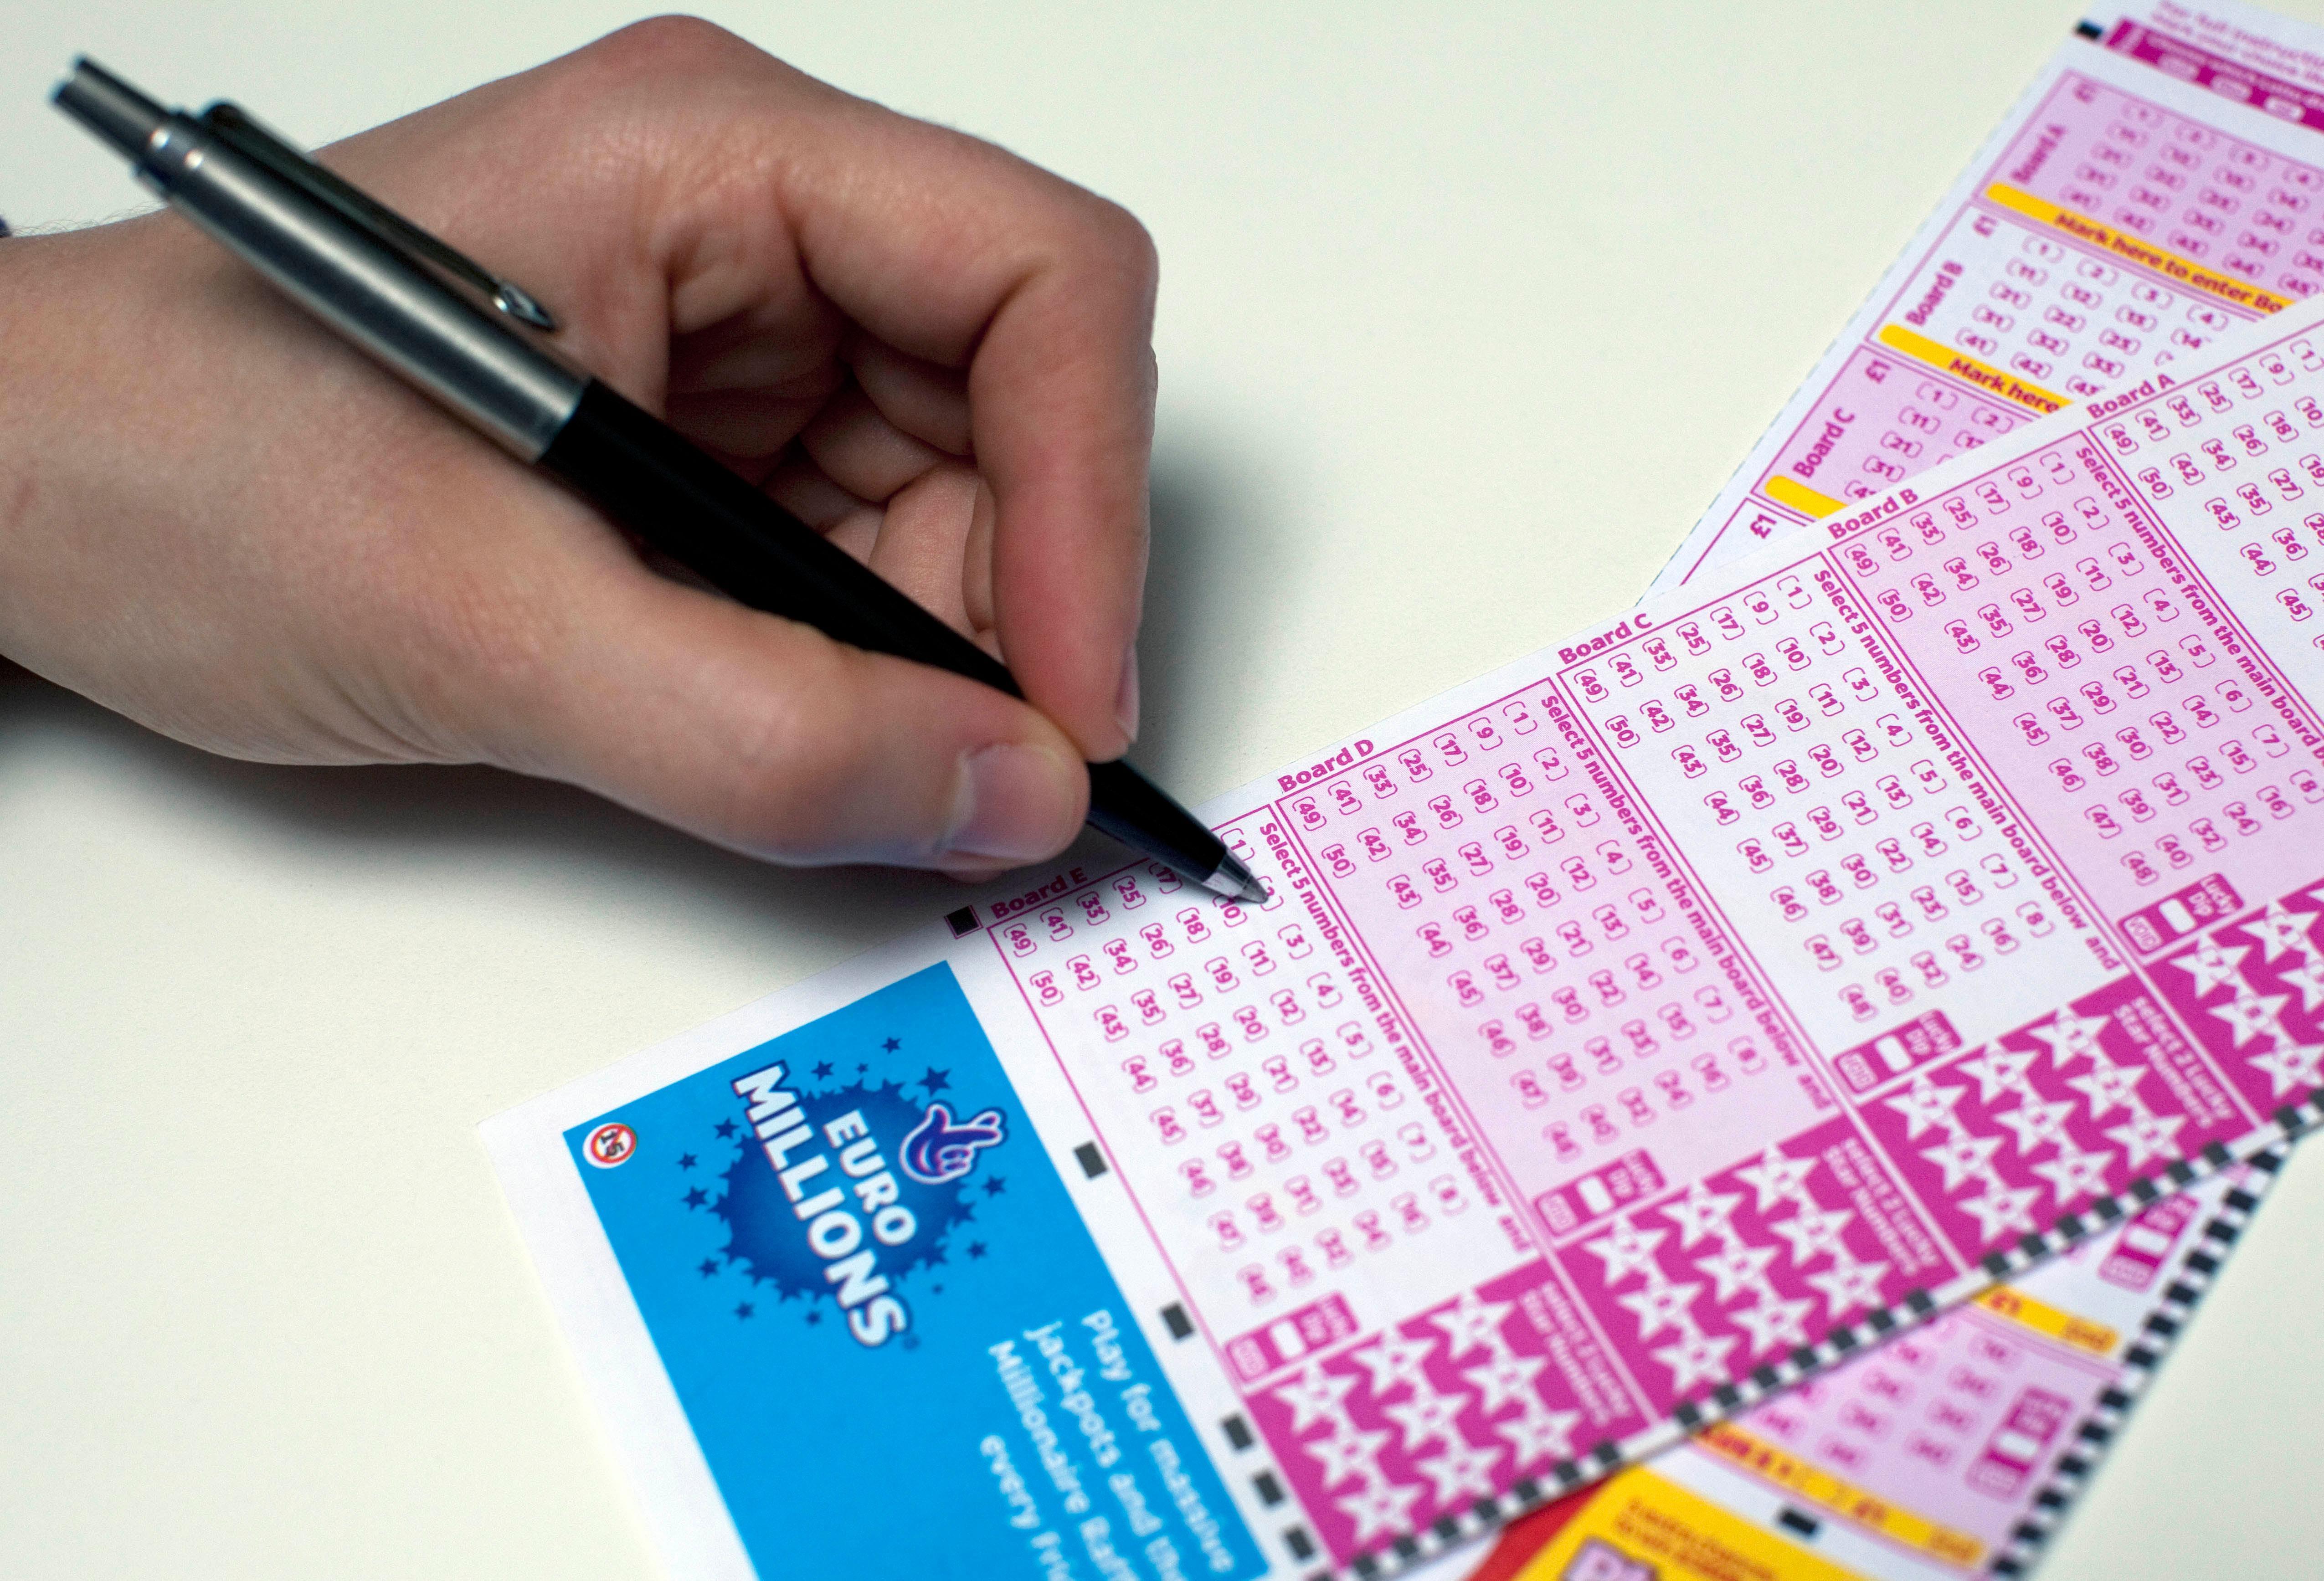 Как выиграть в лотерею евромиллион в россии - миллион рублей